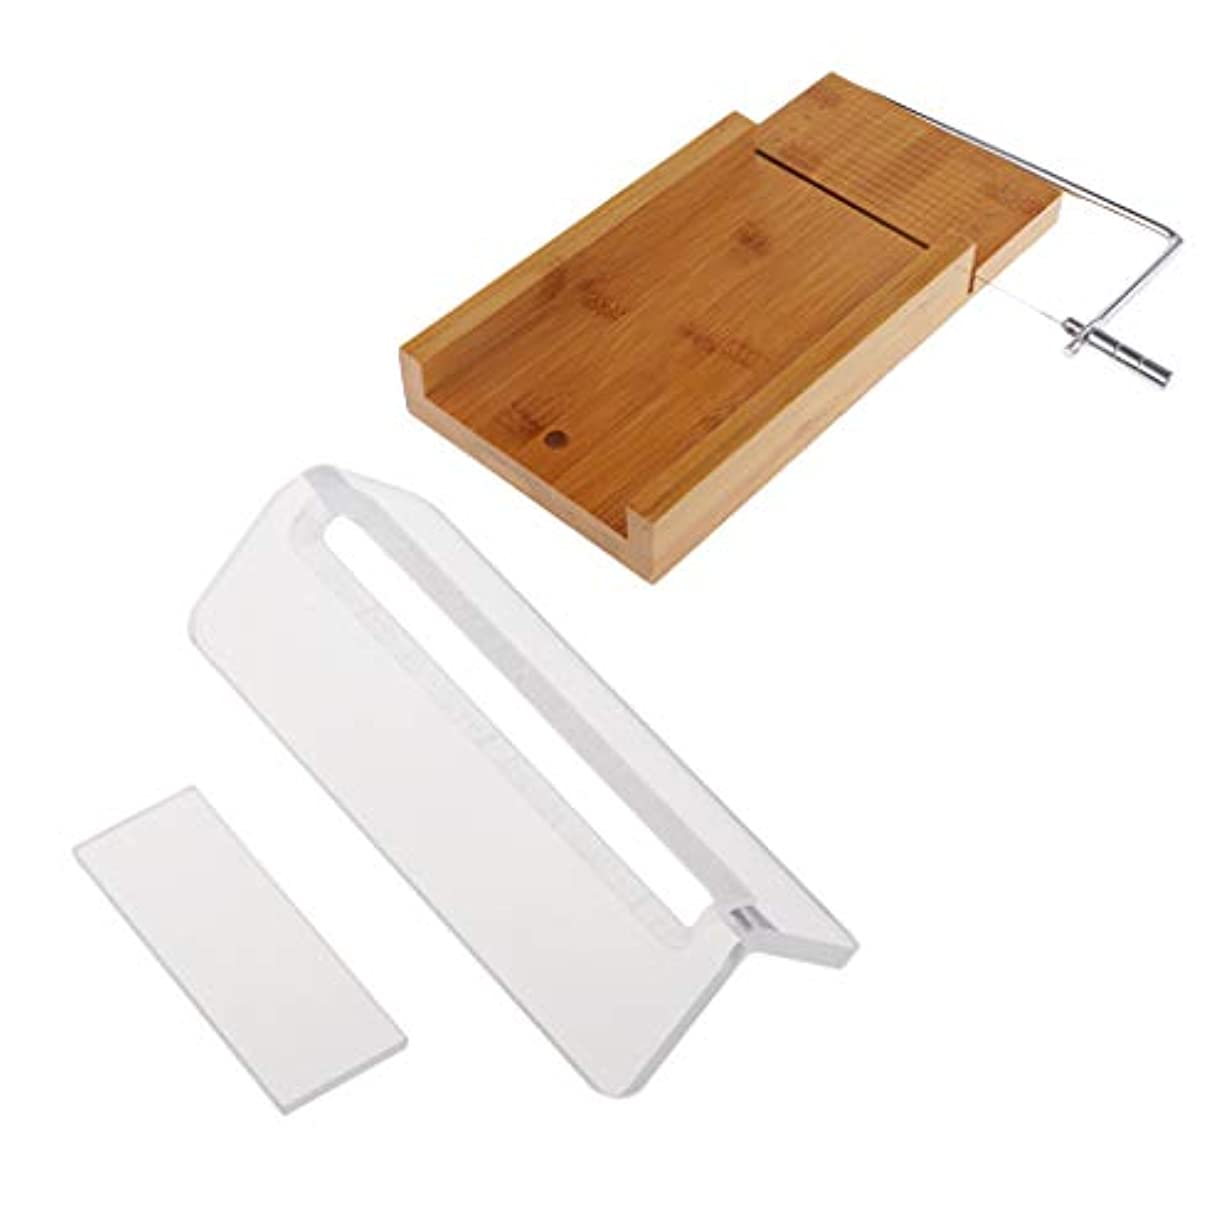 シェード出席する暴君石鹸カッター 木製 ローフカッター チーズカッター ソープカッター ステンレス鋼線 2個入り